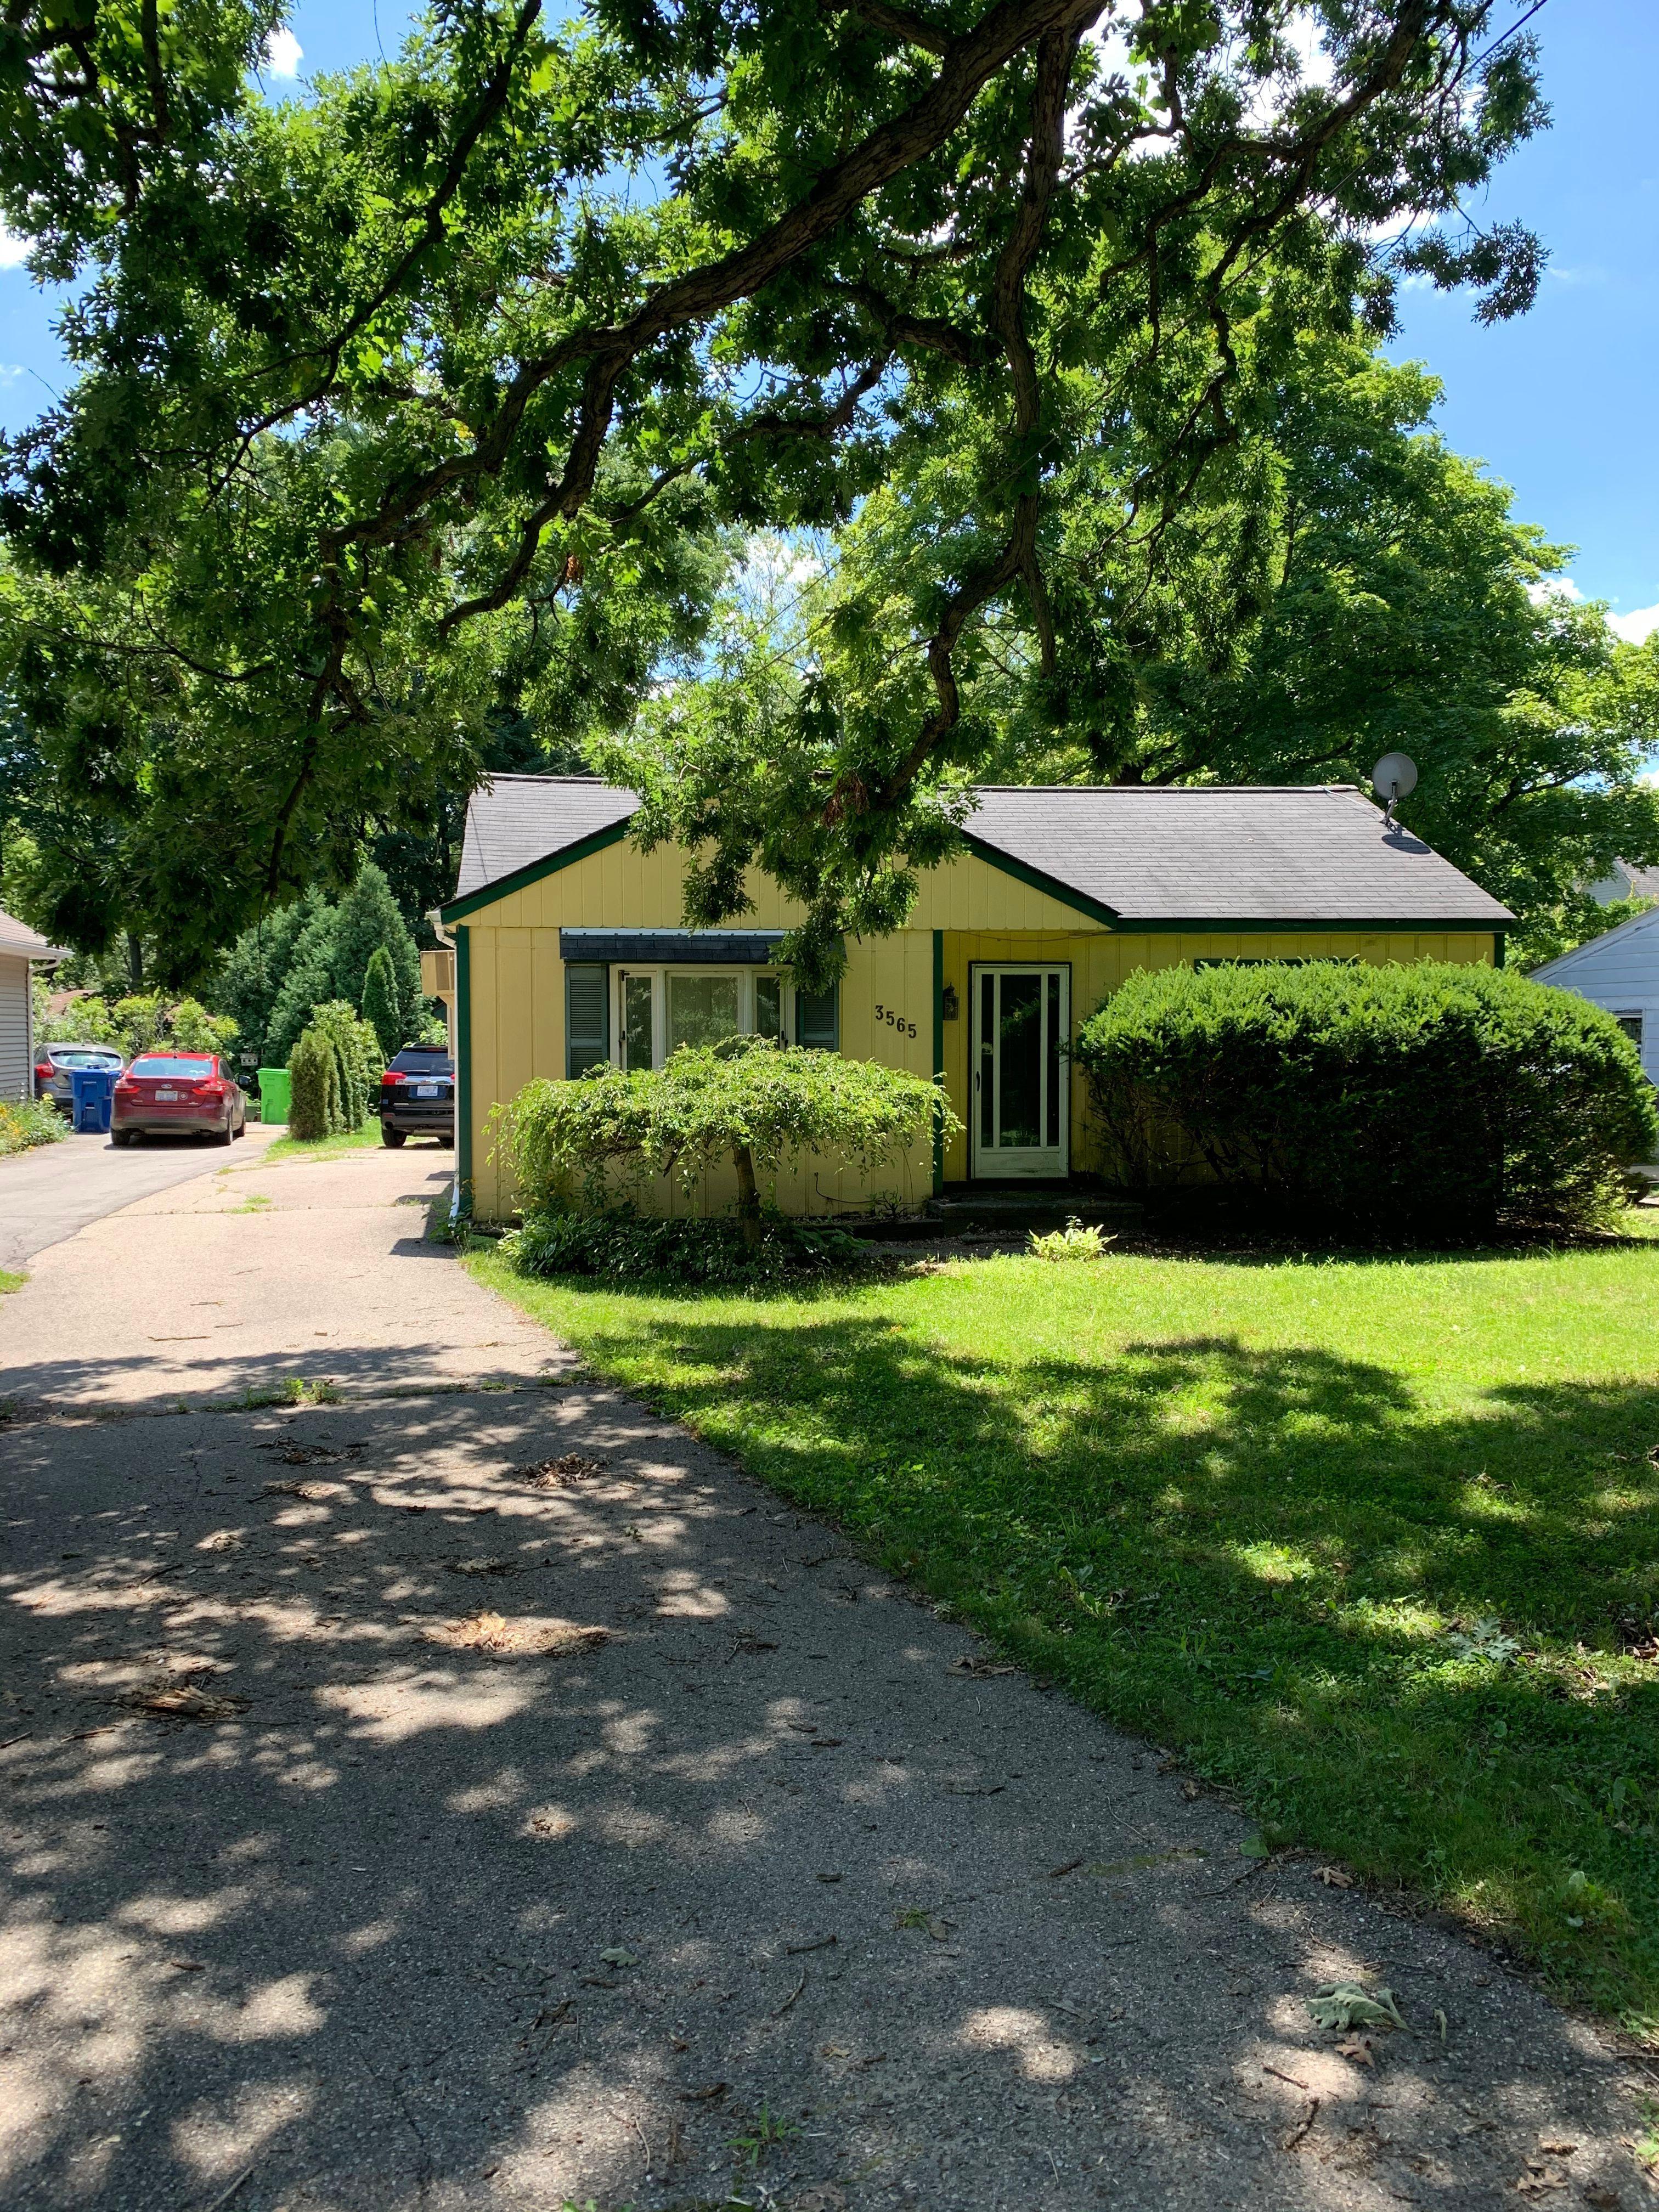 3565 Watkins Lake Rd (Image - 1)